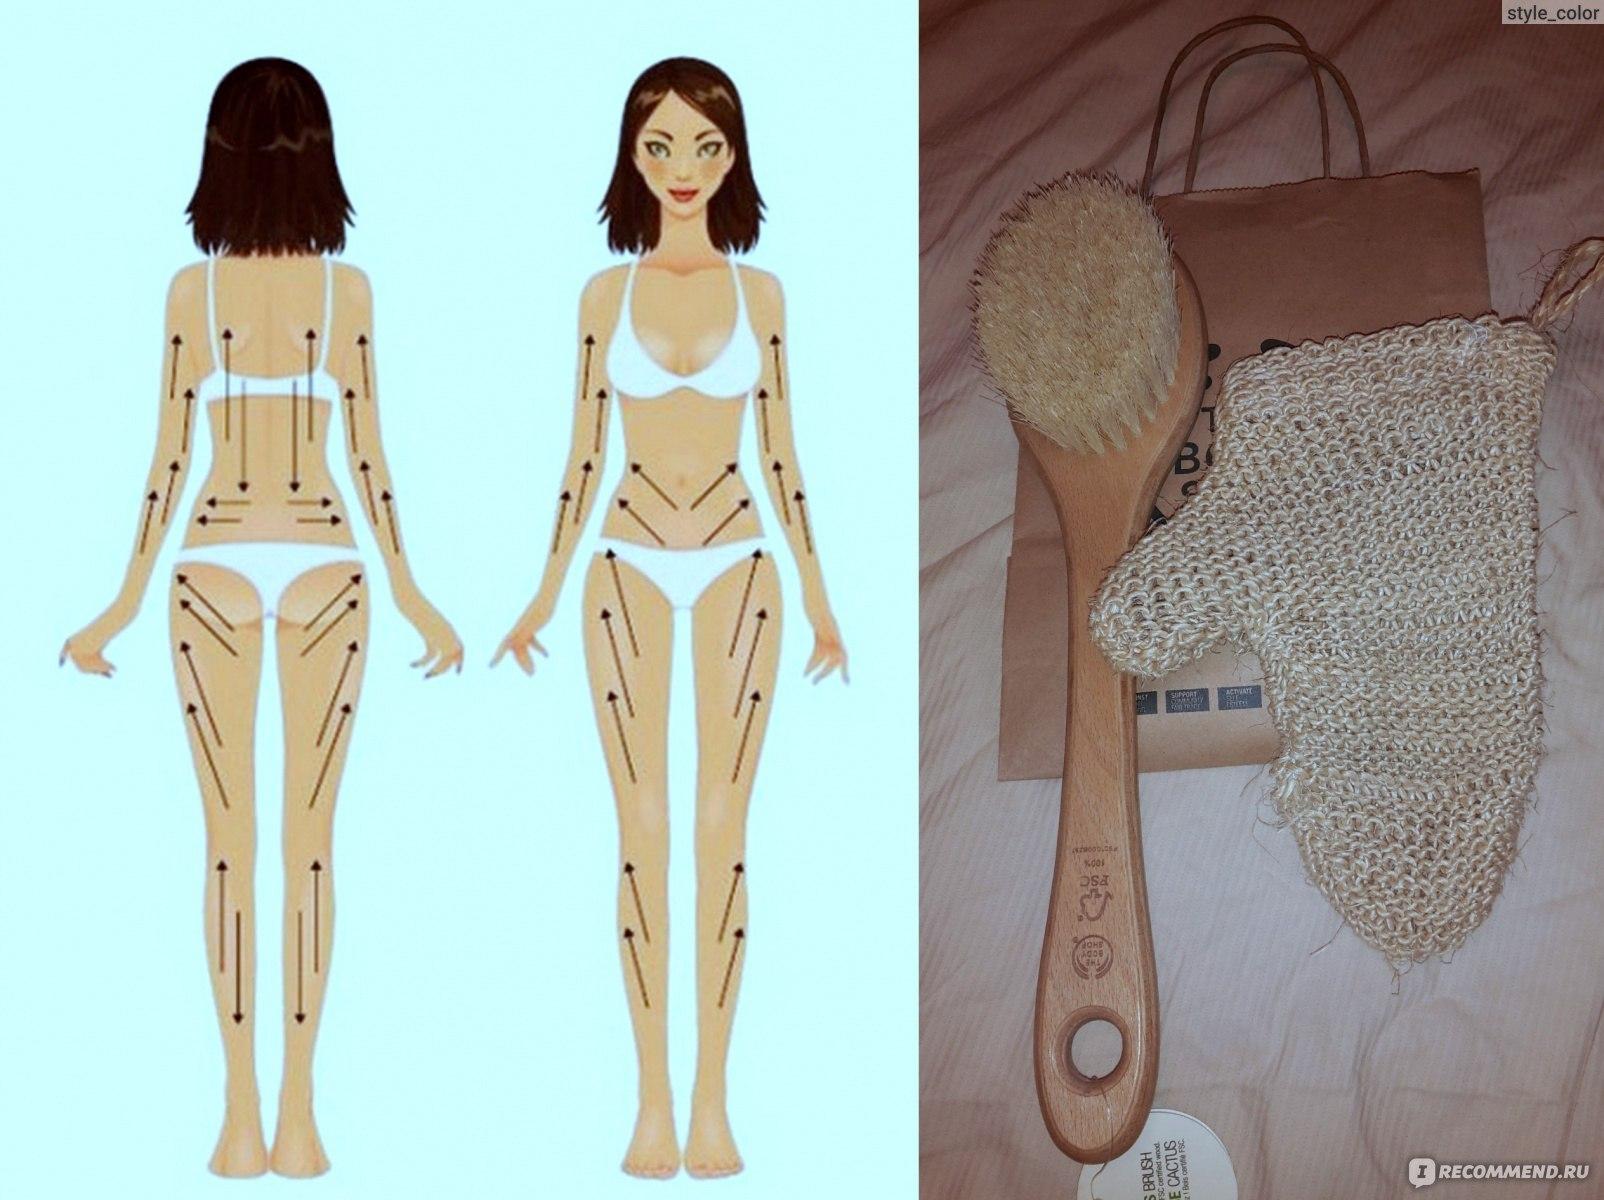 Помогает ли массаж от целлюлита, побочные эффекты, фото до и после